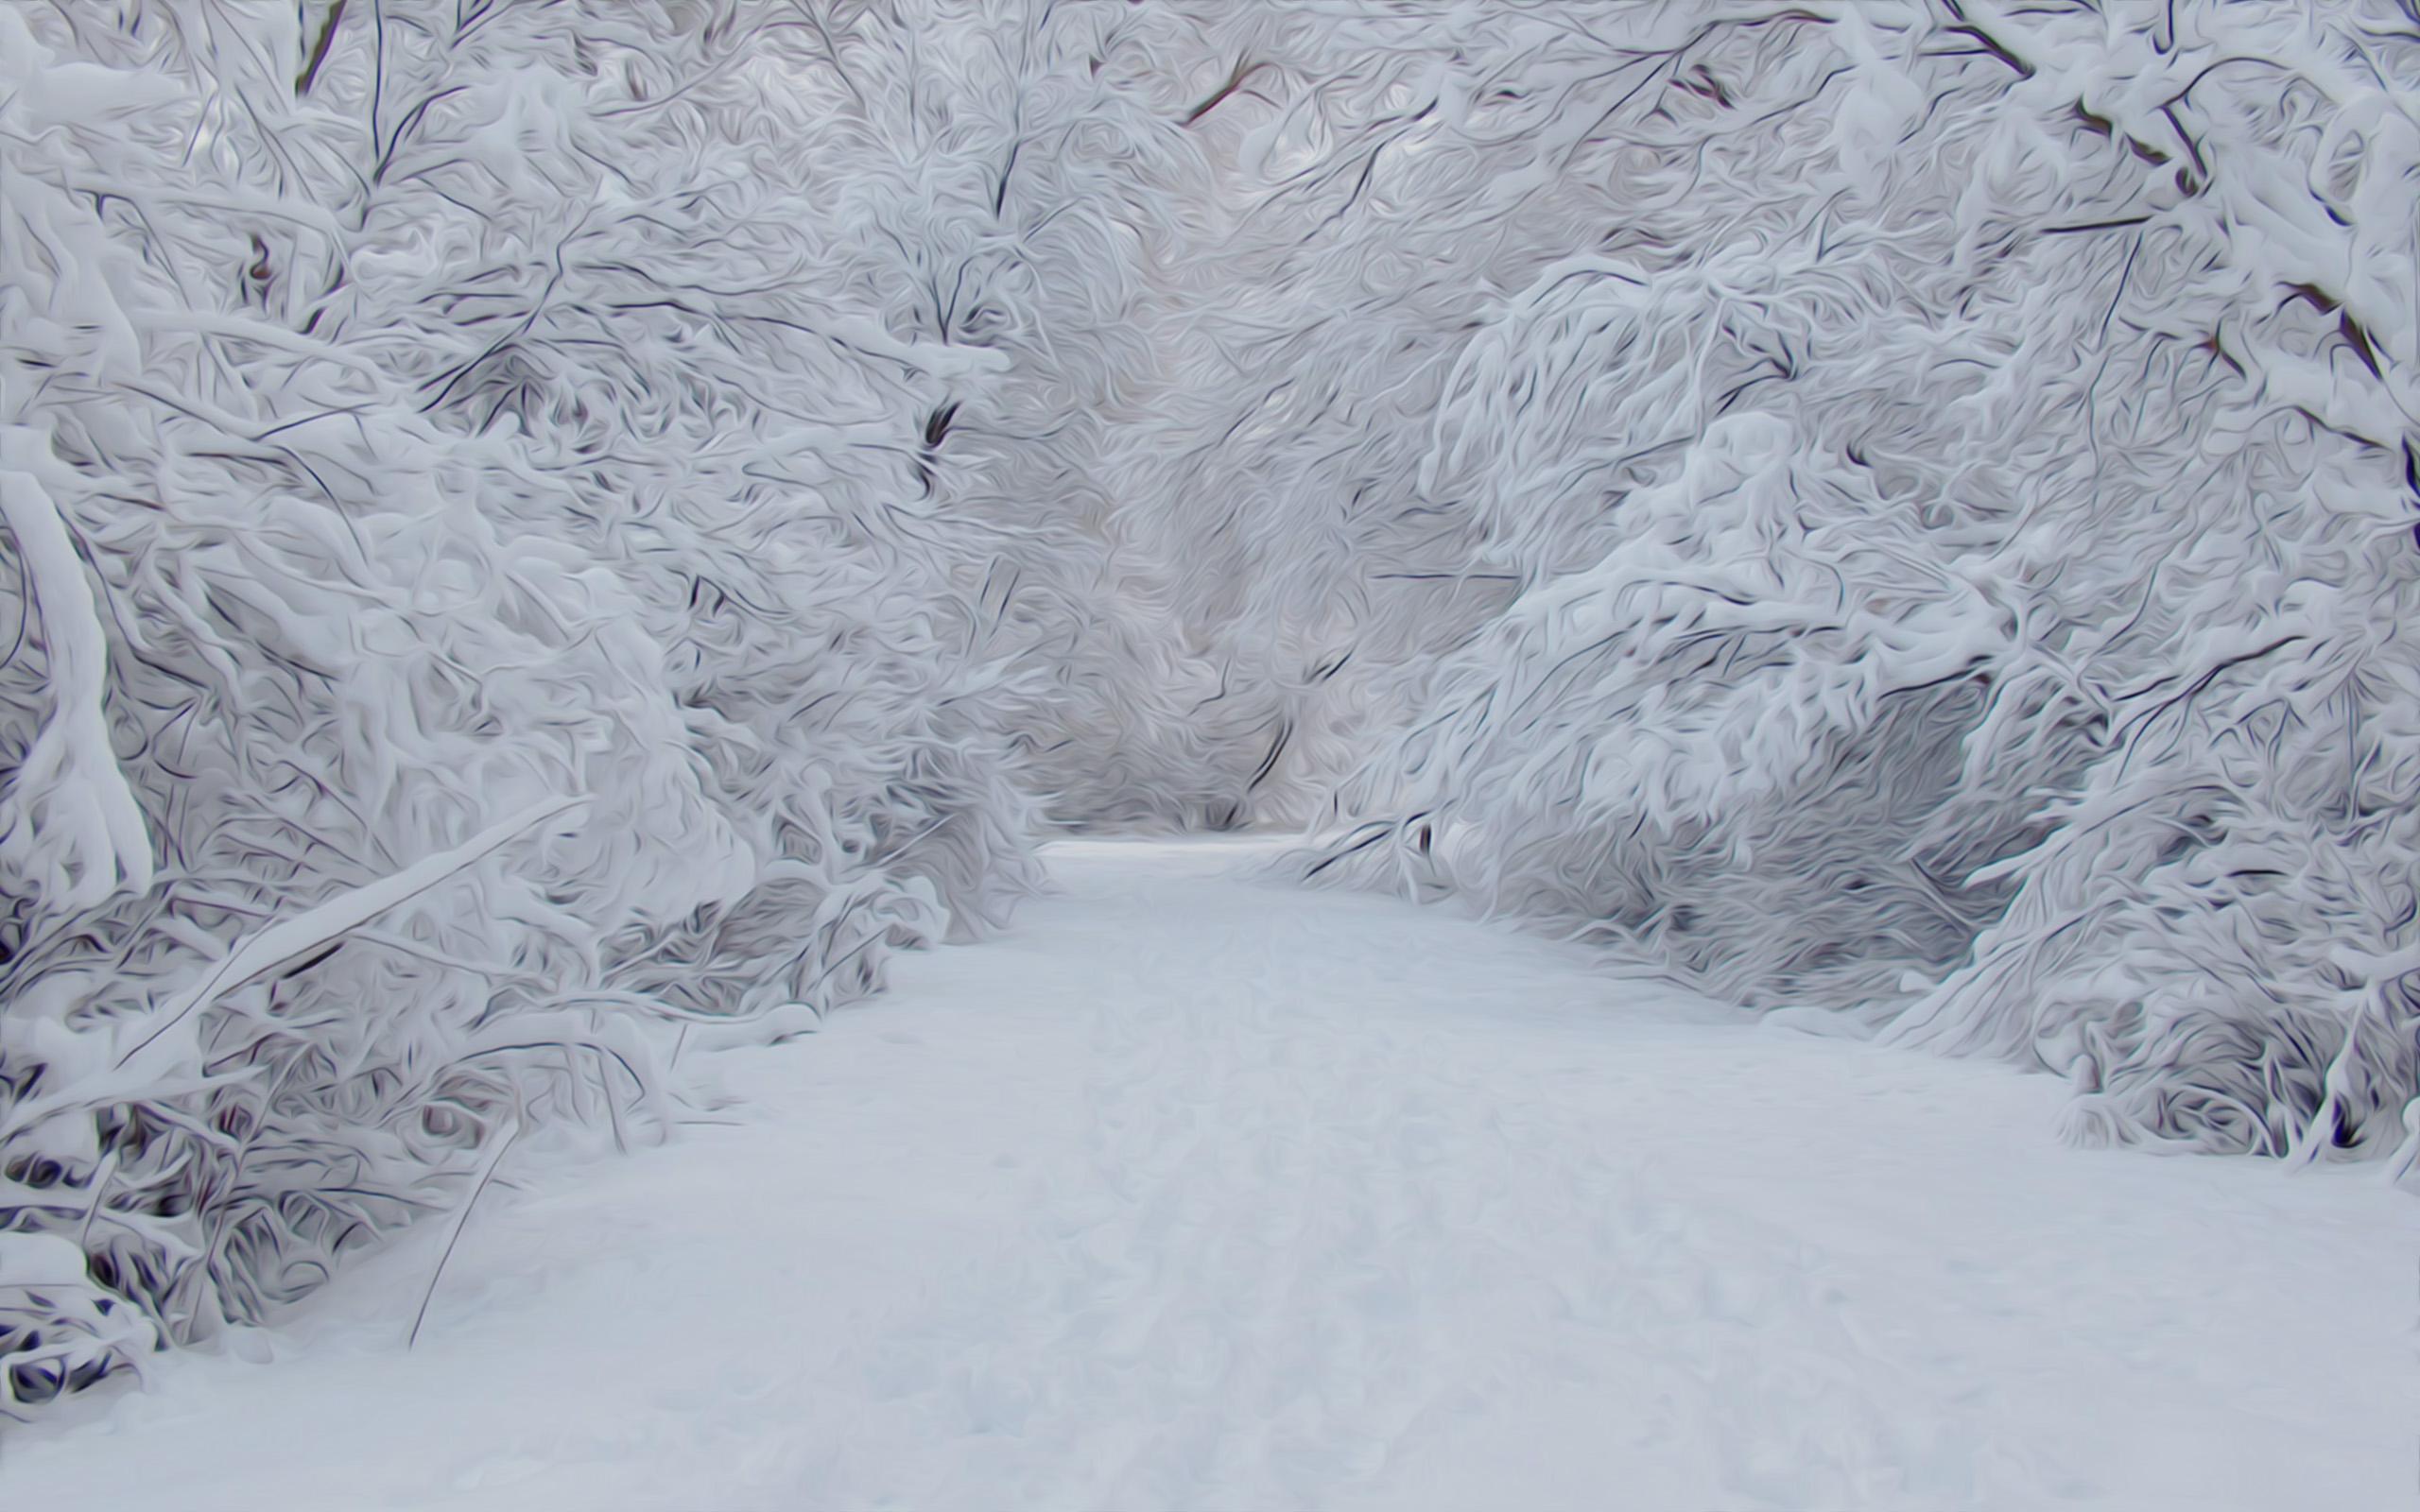 snow scene wallpaper for desktop wallpapersafari